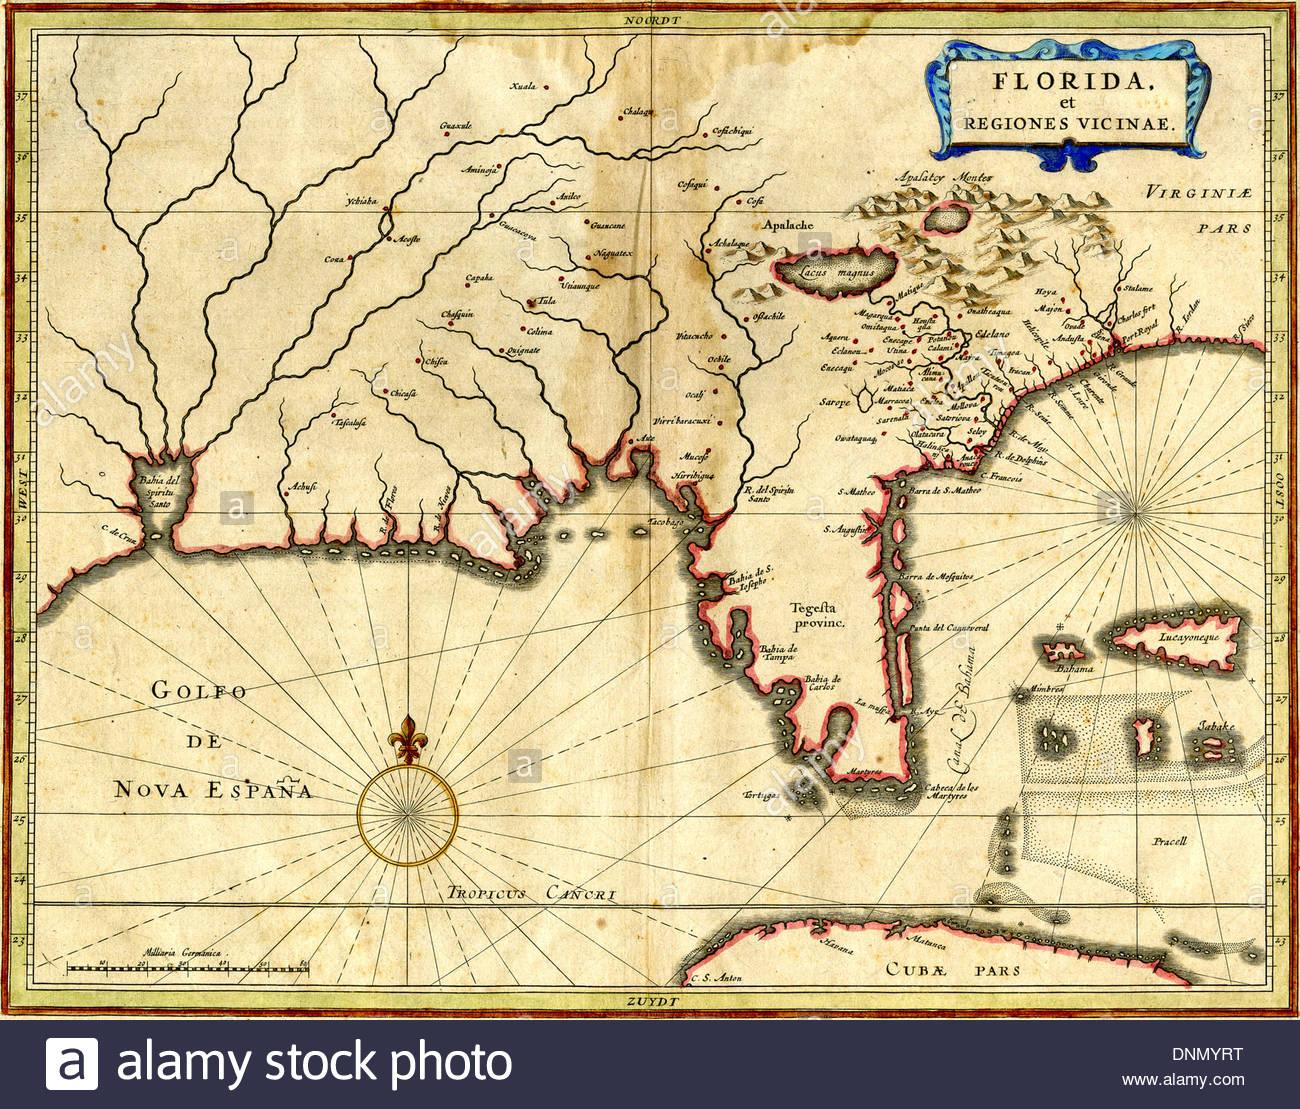 Early Florida Maps Stock Photos & Early Florida Maps Stock Images - Early Florida Maps